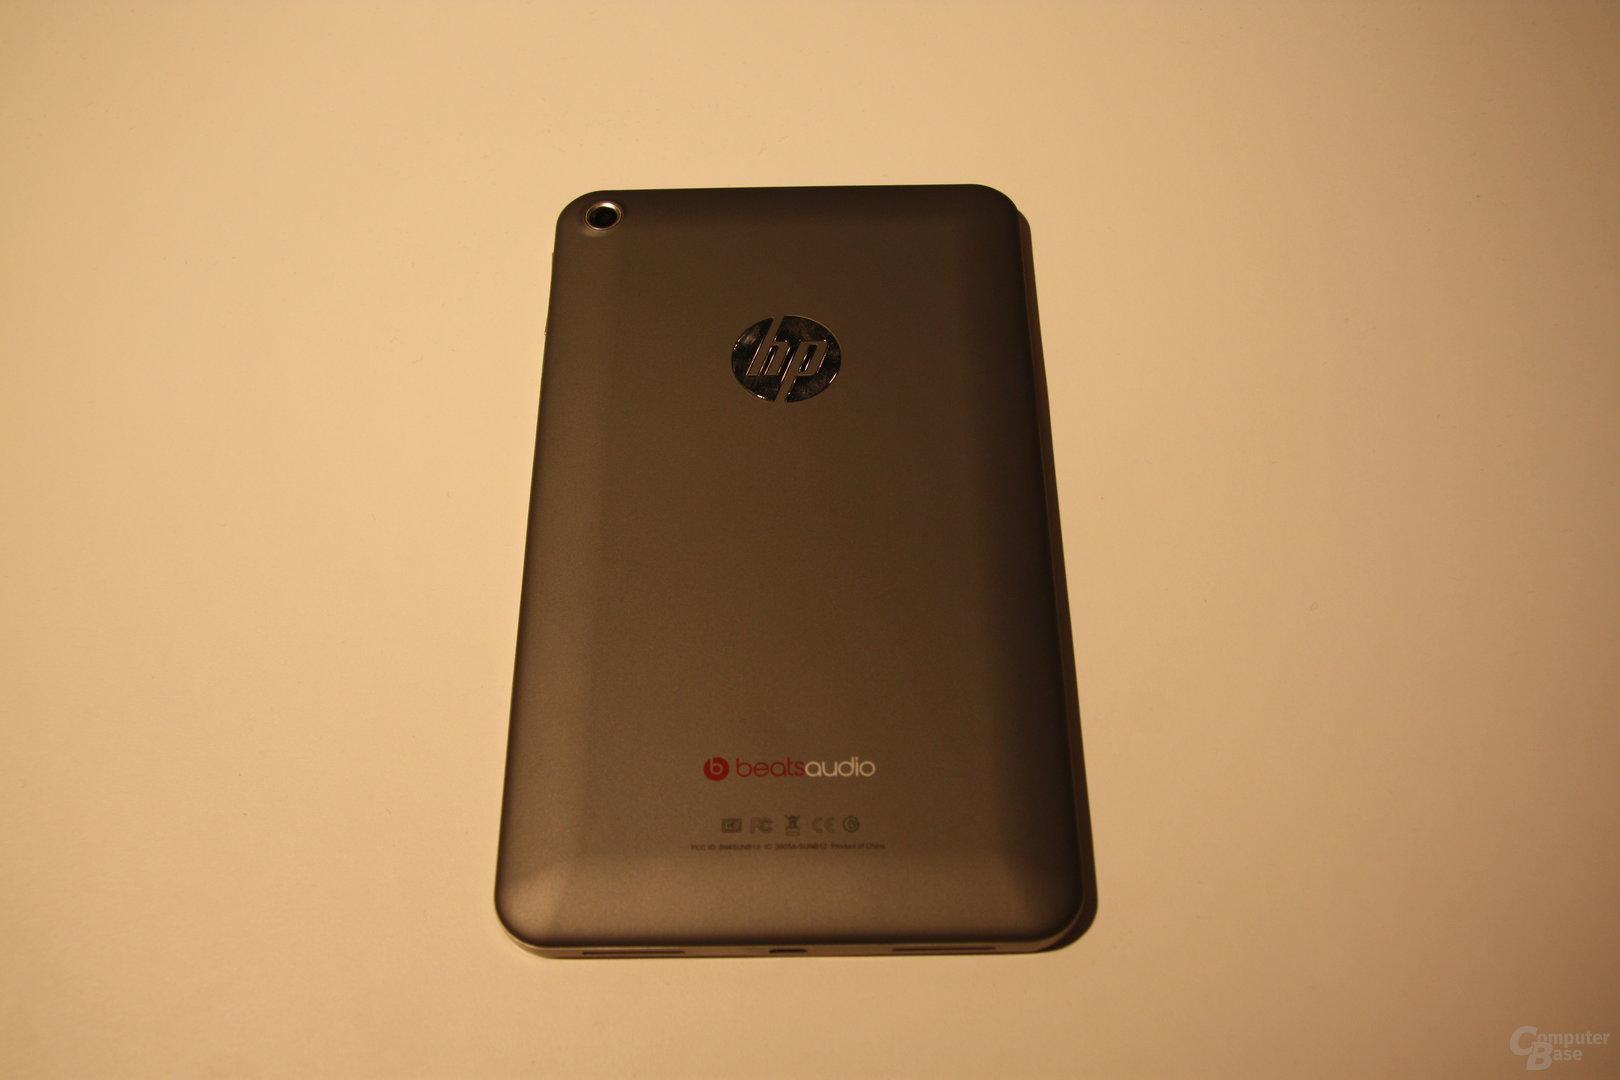 Hewlett-Packard Slate 7 ausprobiert